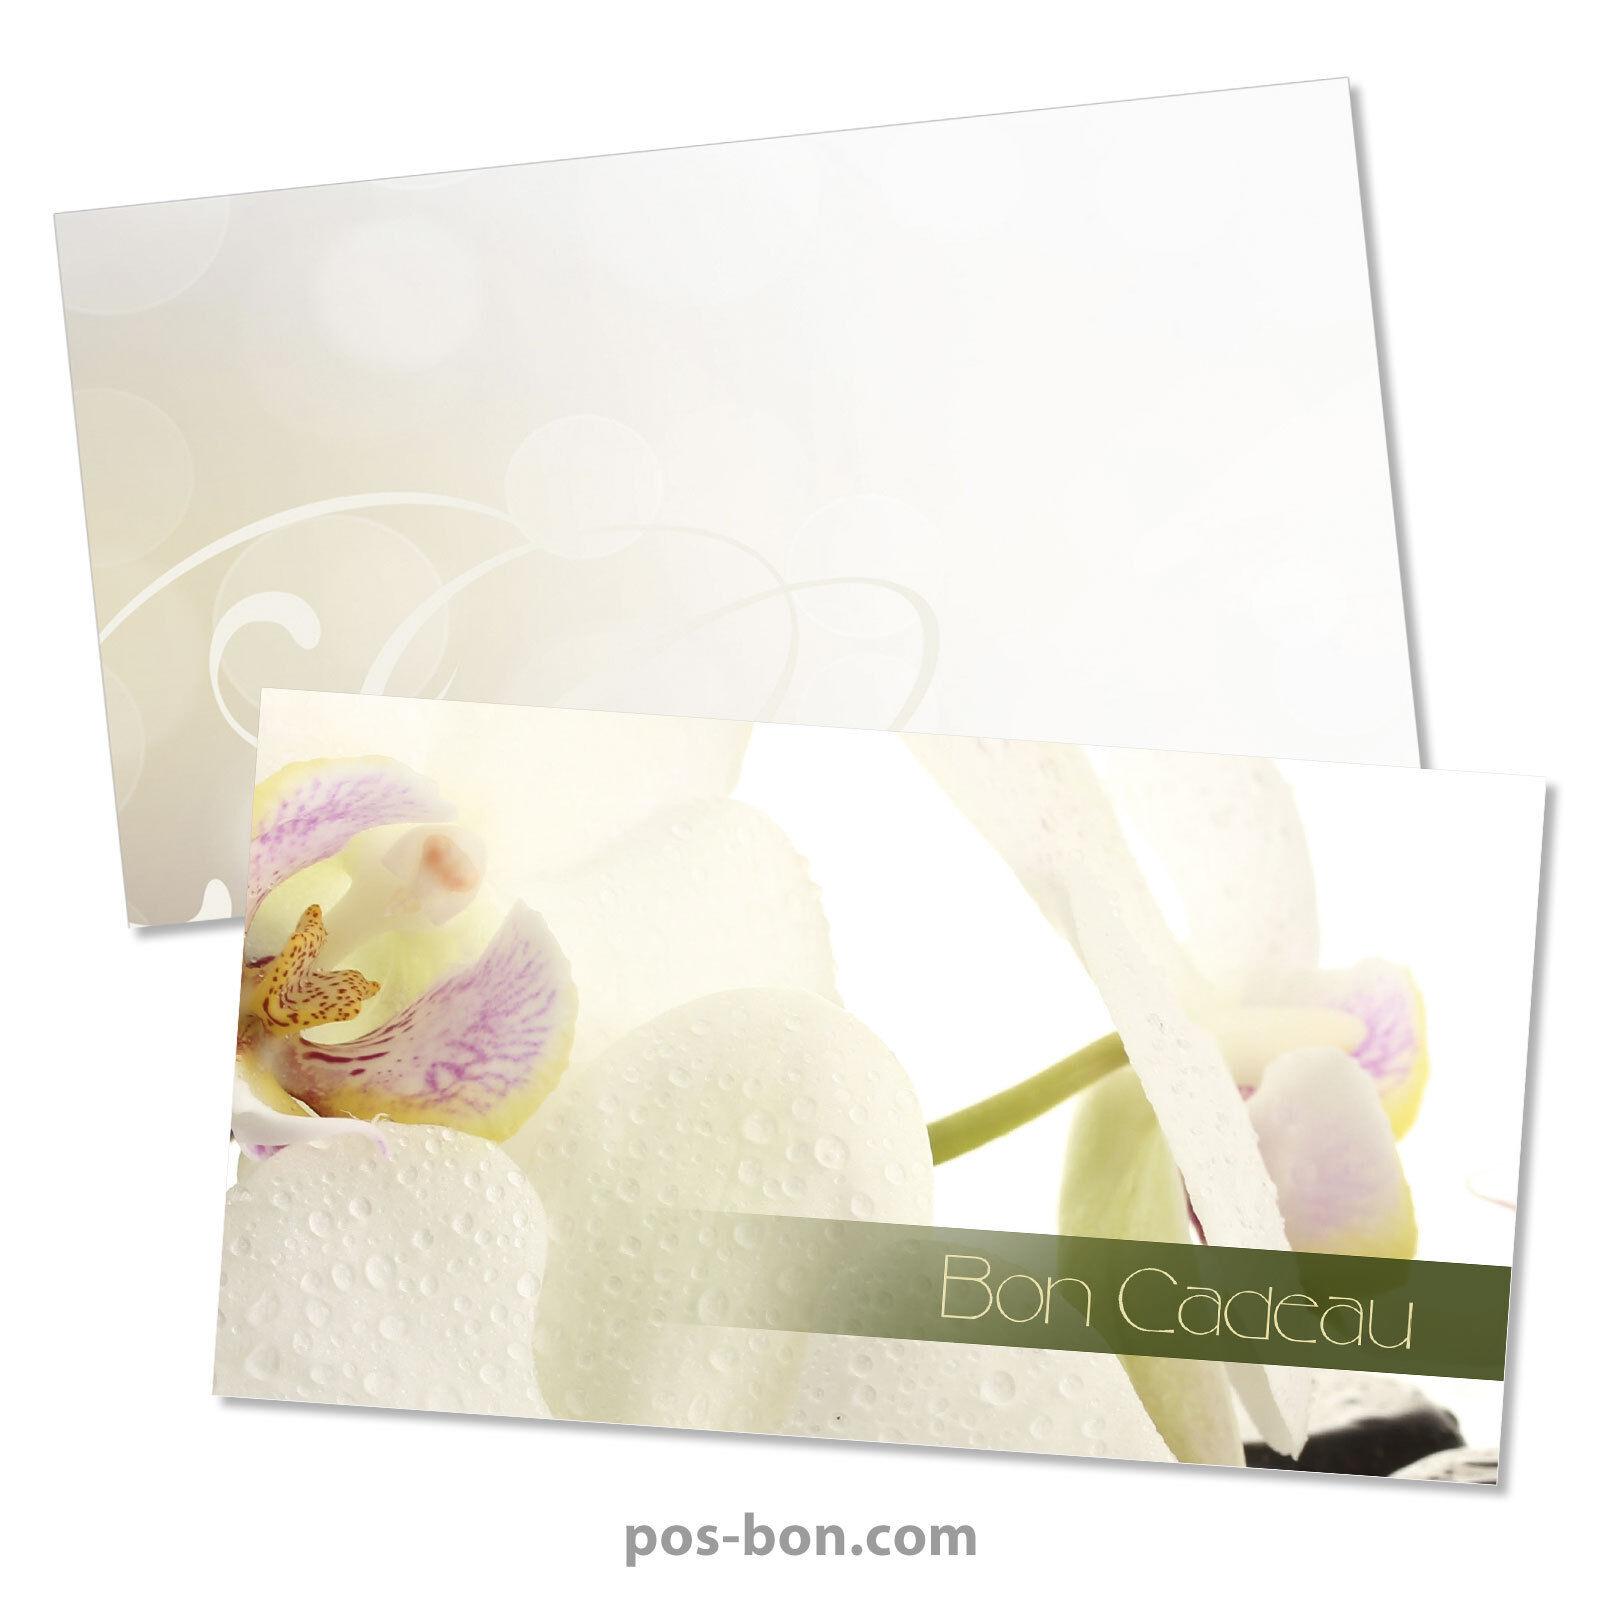 Bons cadeaux universels + enveloppes pour toutes occasions MA1252F